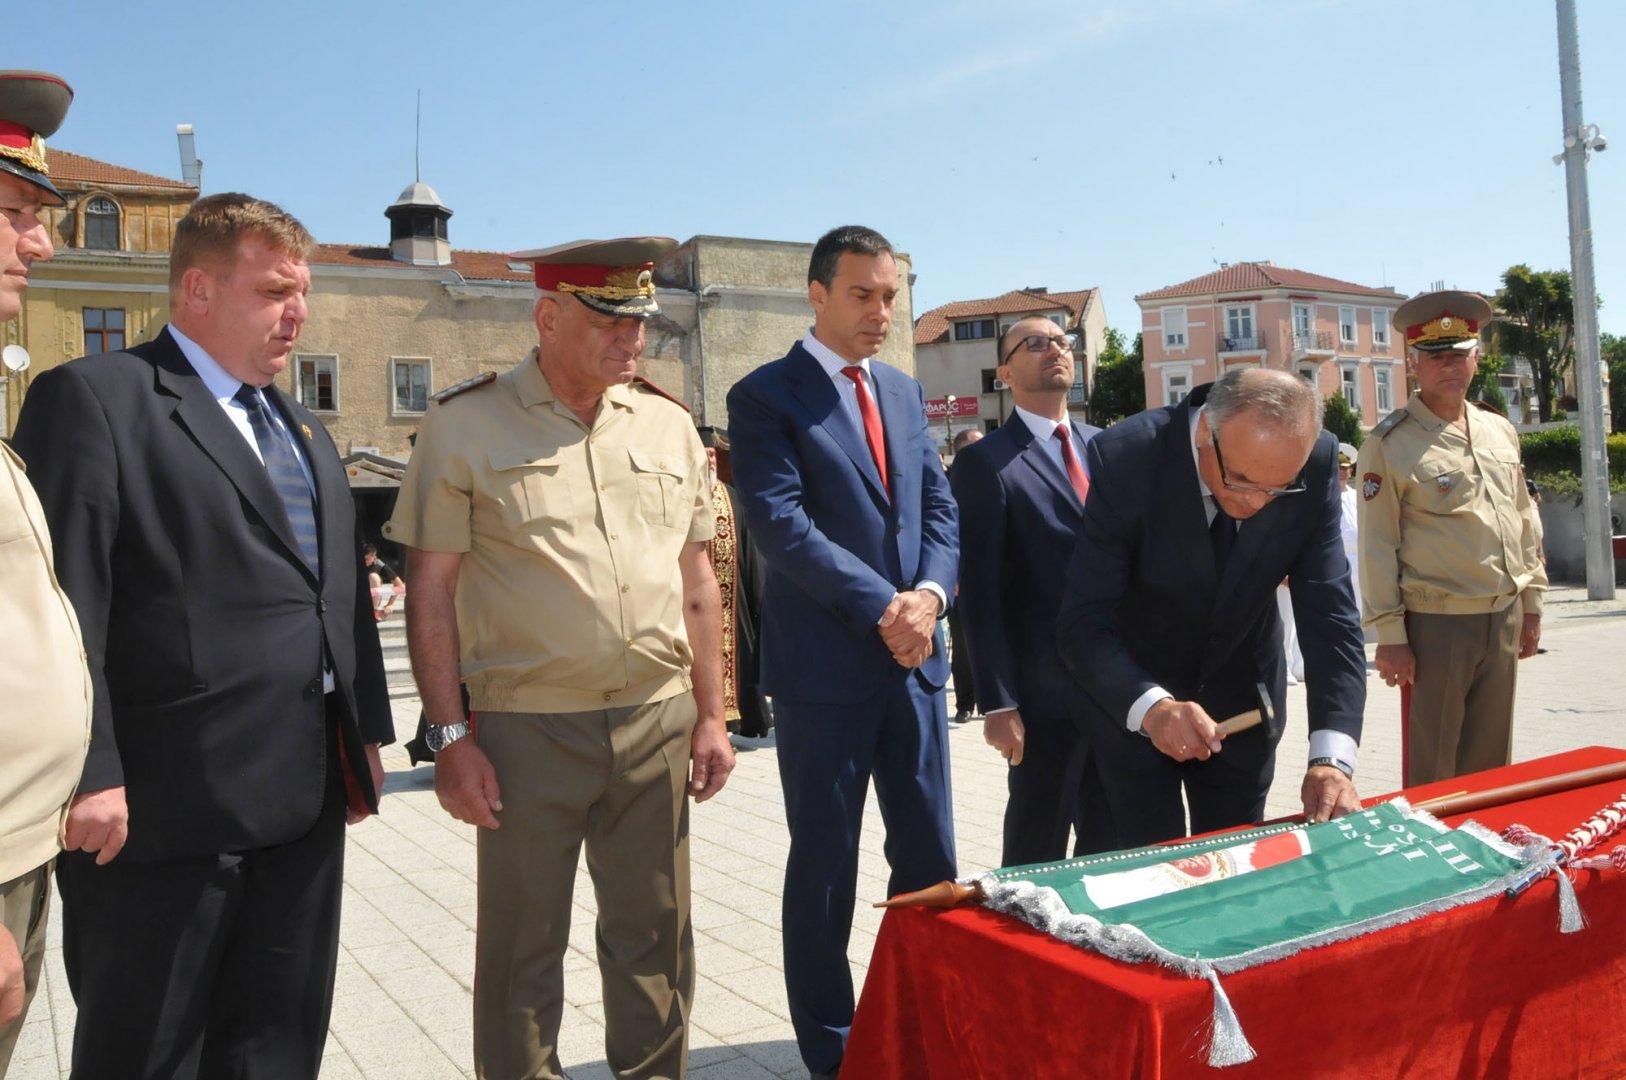 Директорът Коста Папазов извърши церемонията забиване на гвоздей на знамето. Снимки Лина Главинова